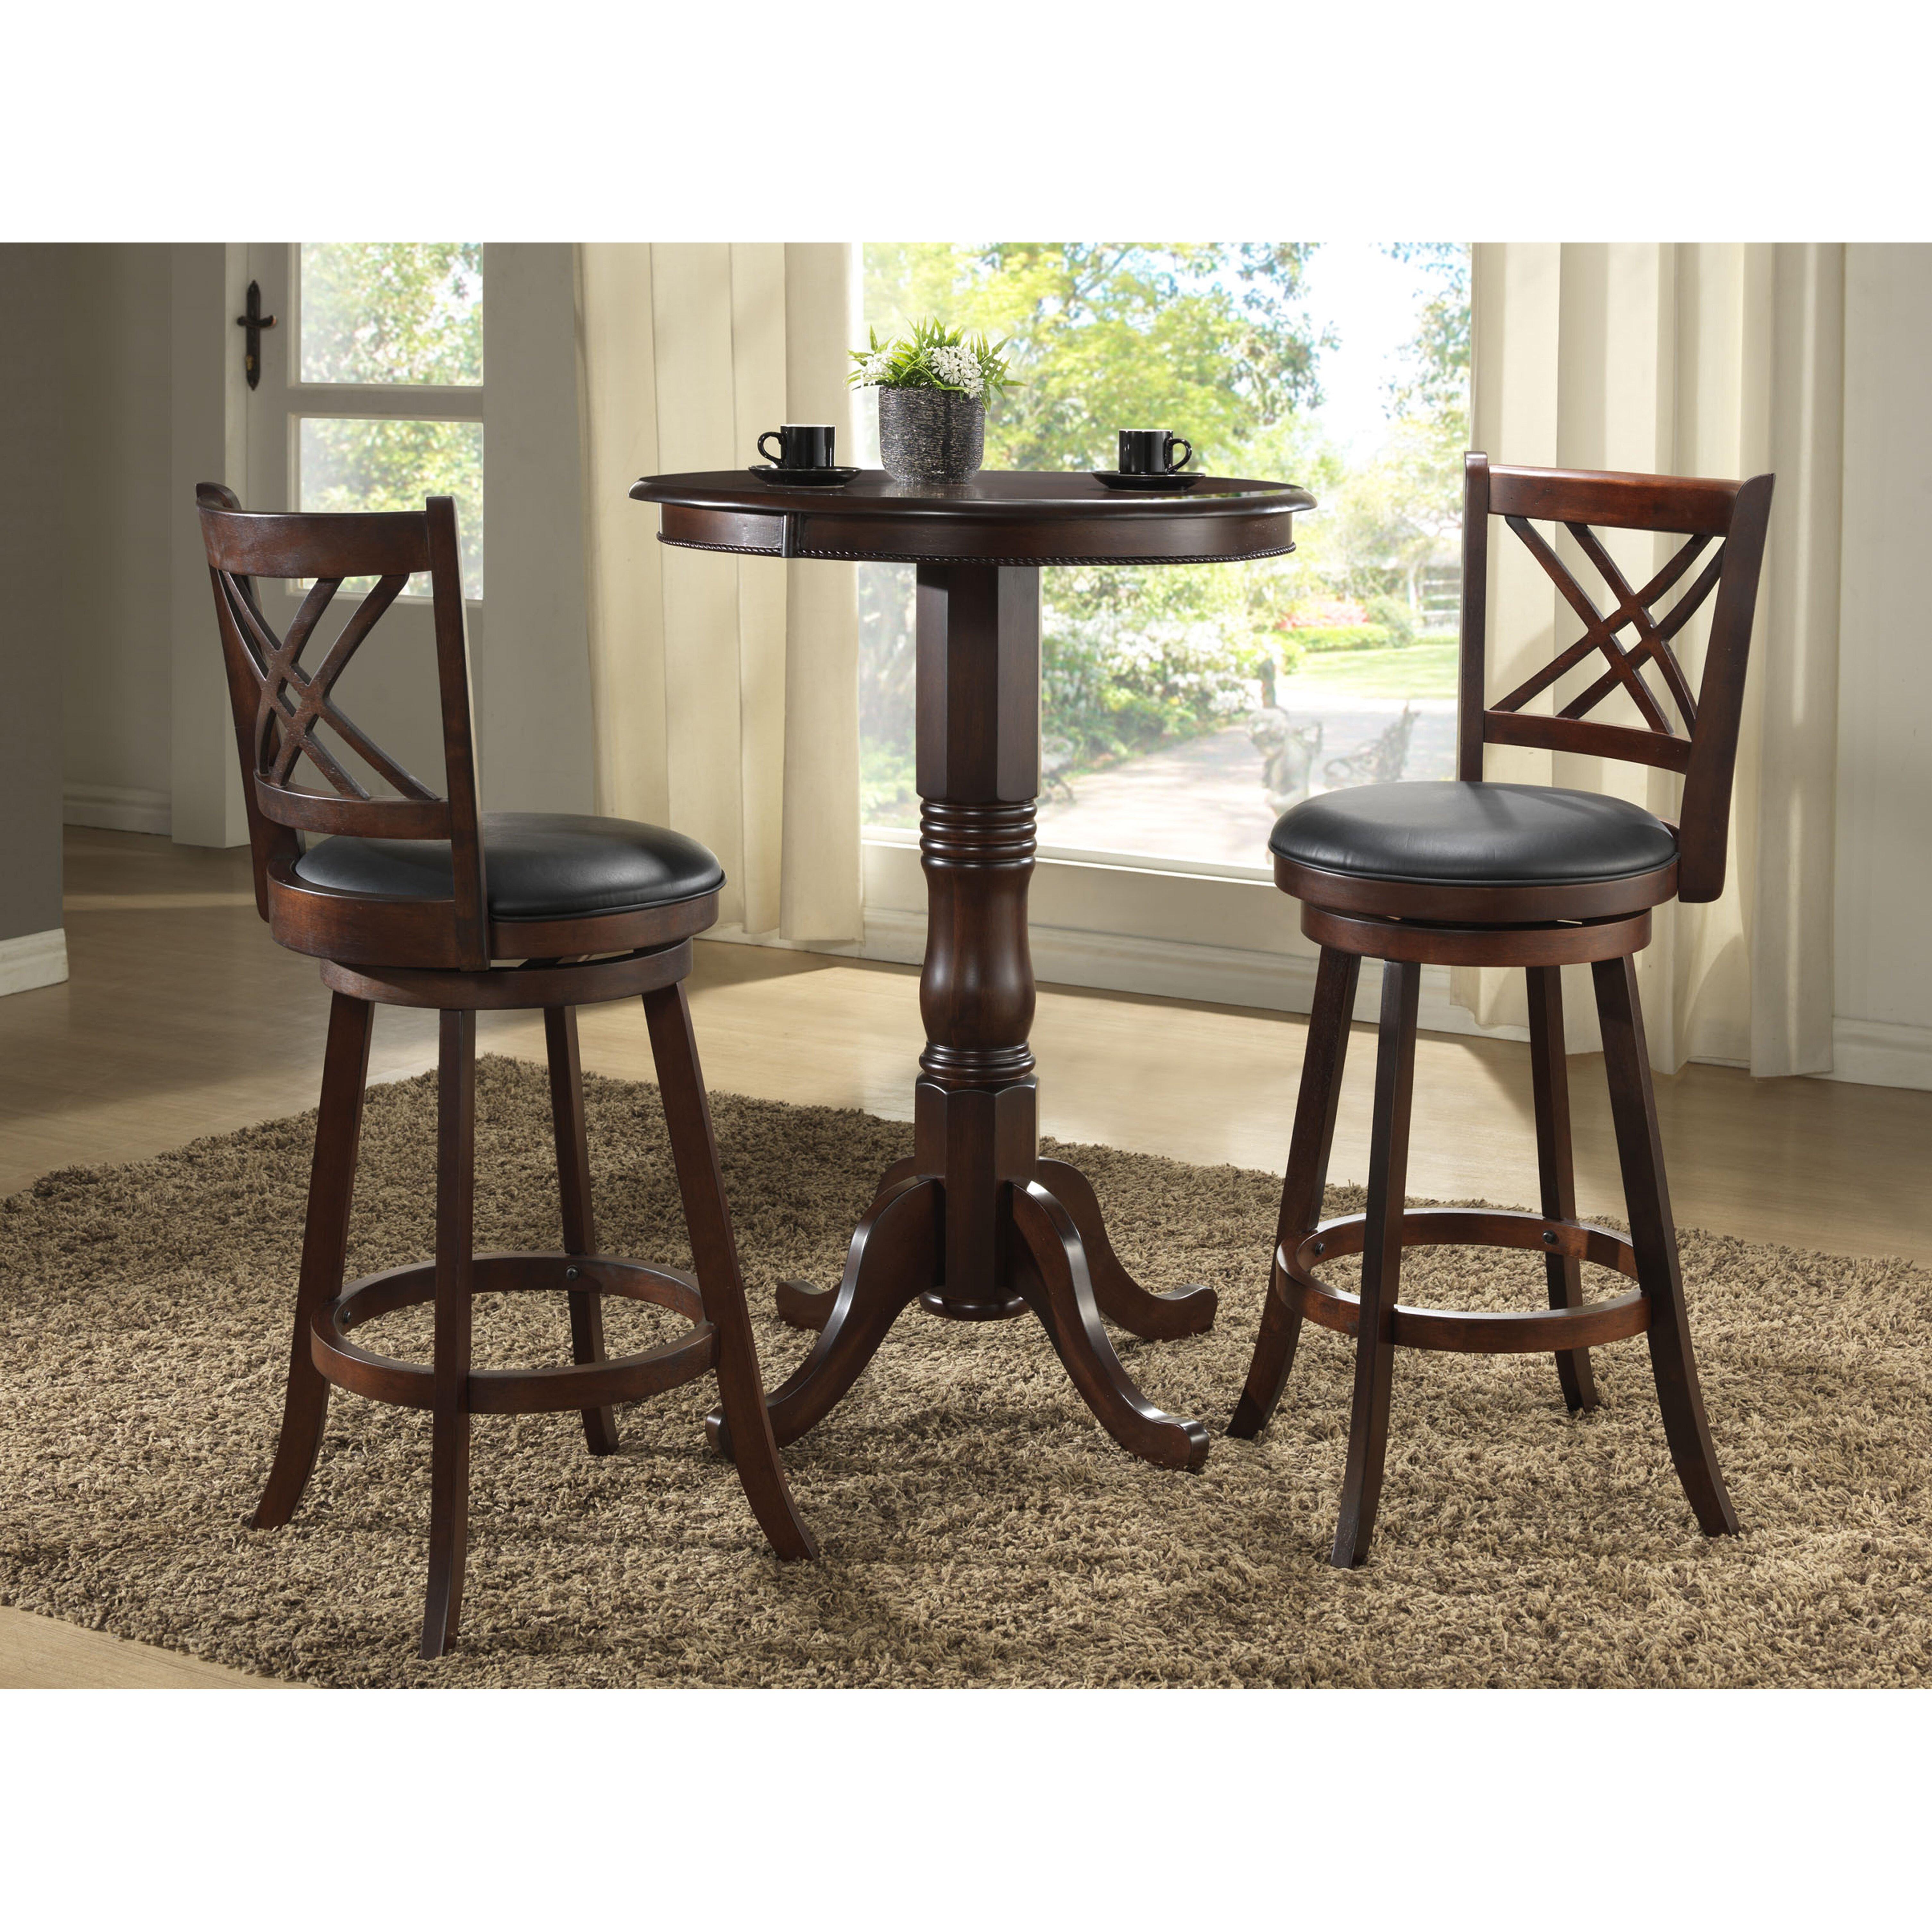 Distressed 29quot Swivel Bar Stool Wayfair : ECI Furniture Distressed Walnut 29 Bar Stool 1300 35 BS 29 from www.wayfair.com size 6023 x 6023 jpeg 4381kB